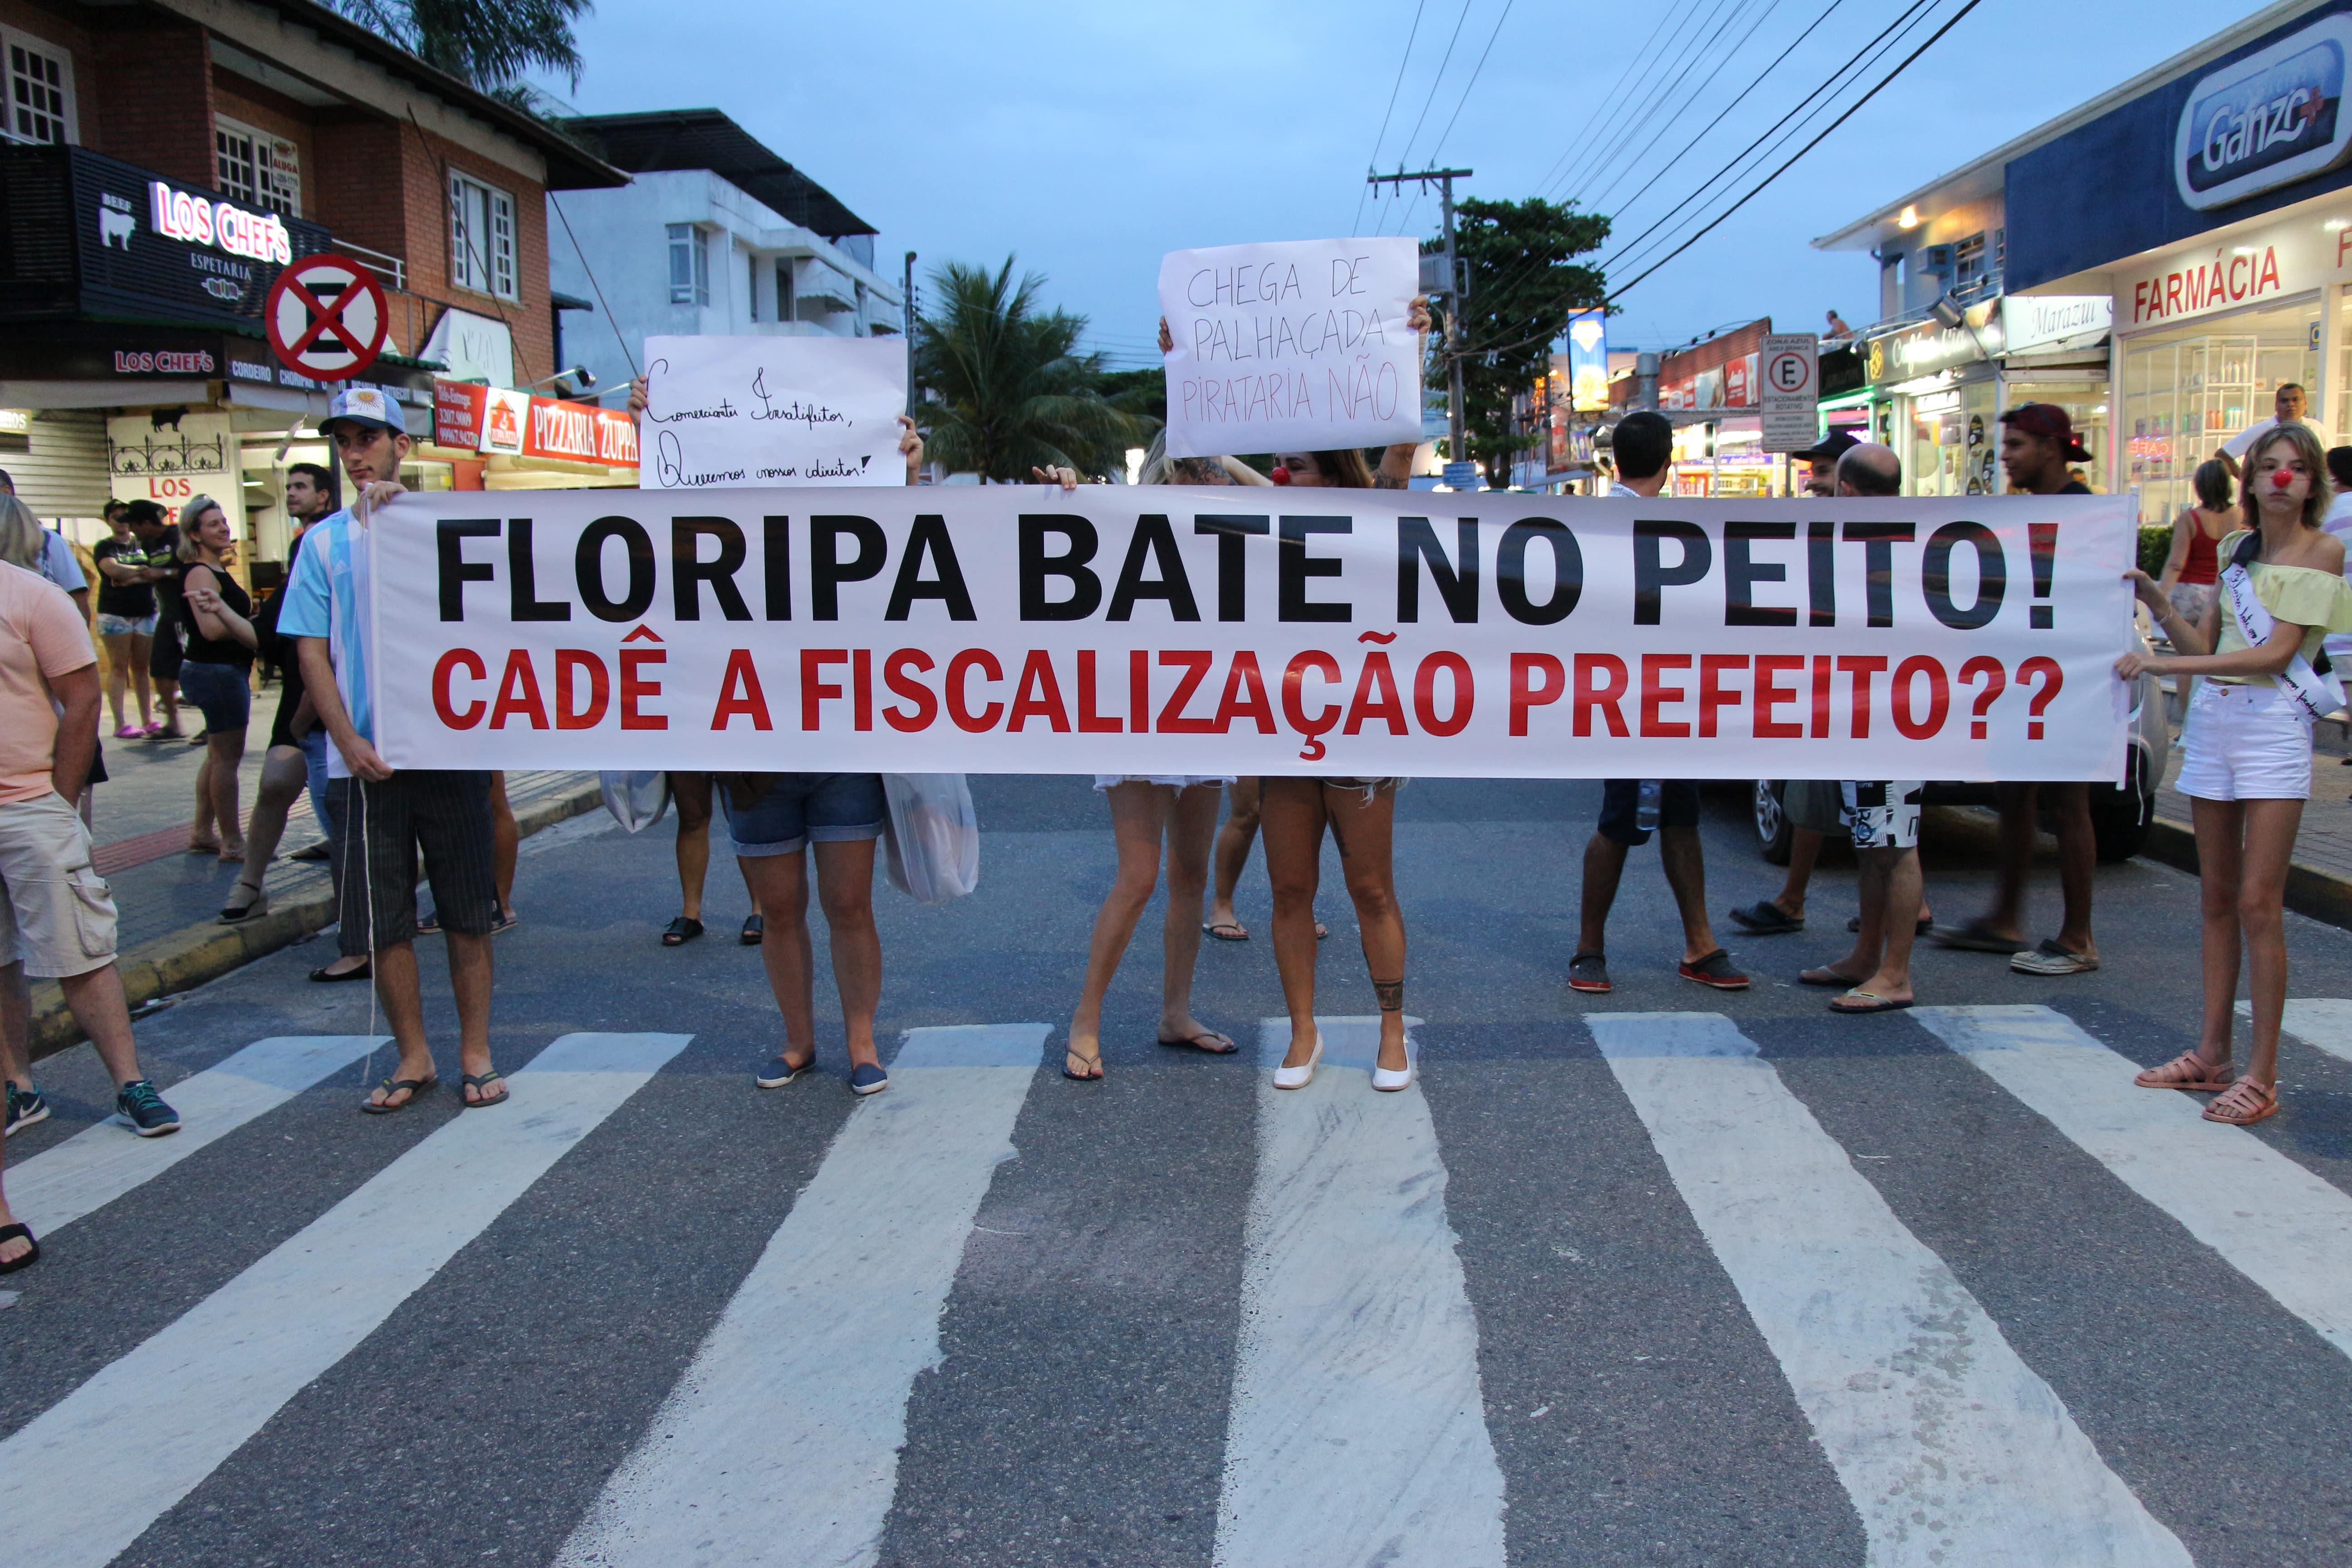 Foto: Nicolas Ferrari / Jornal Conexão Comundiade